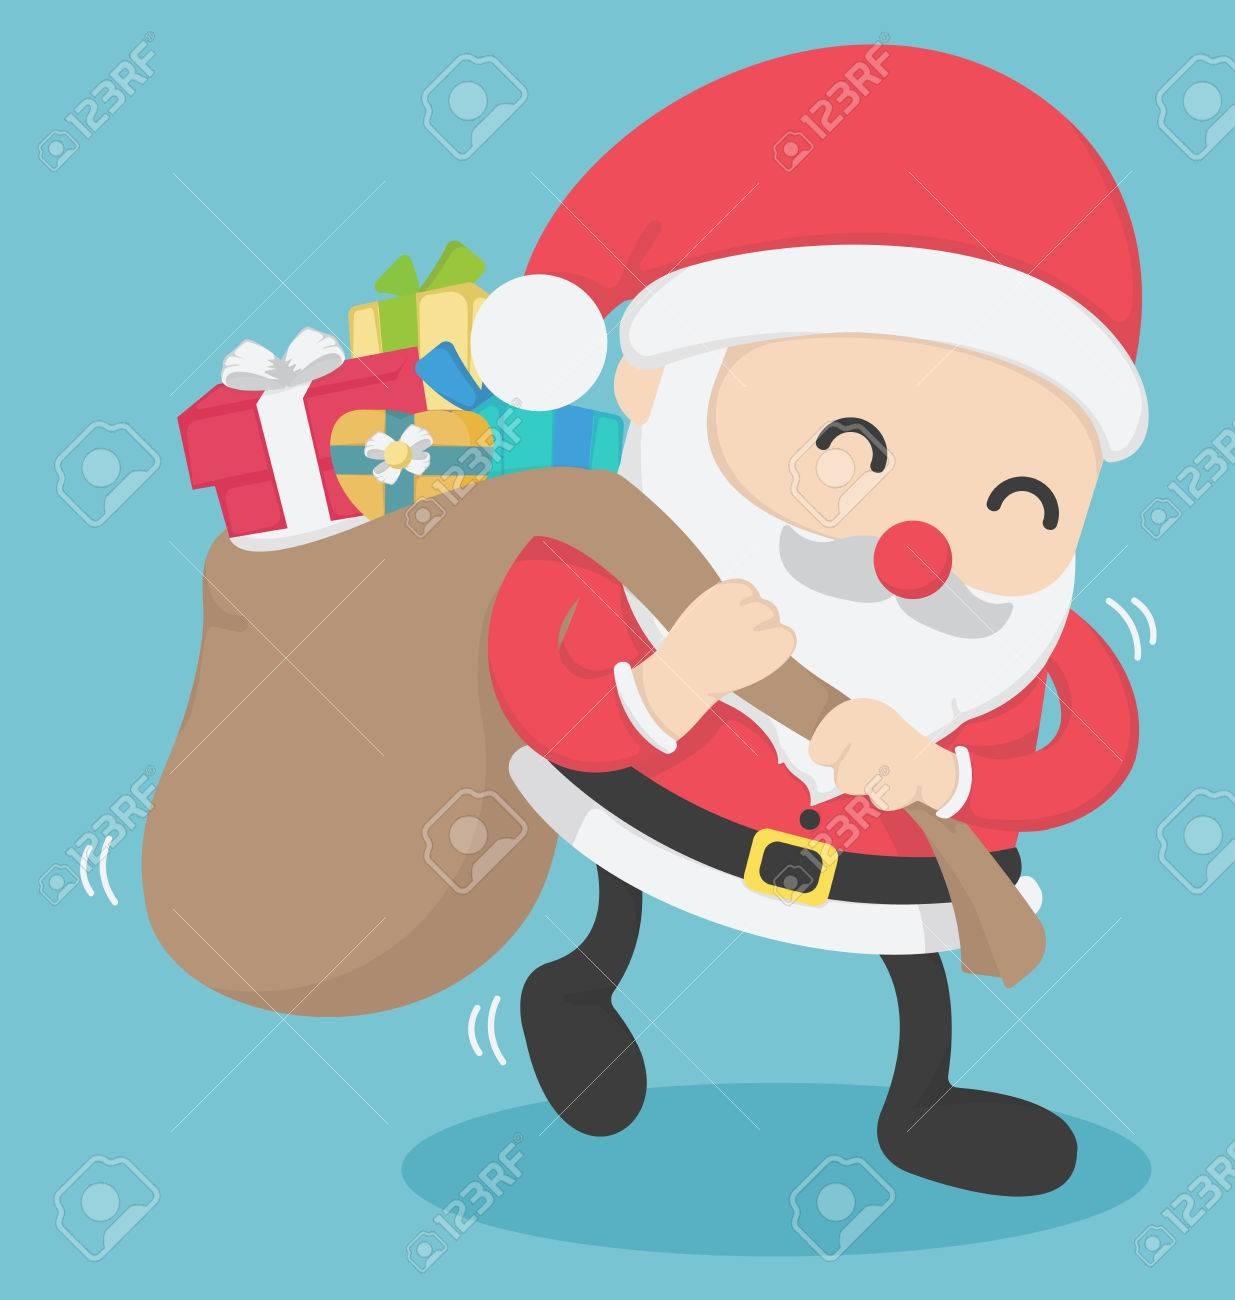 Weihnachten Santa Claus Großen Sack Voll Mit Geschenken Trägt, Auf ...